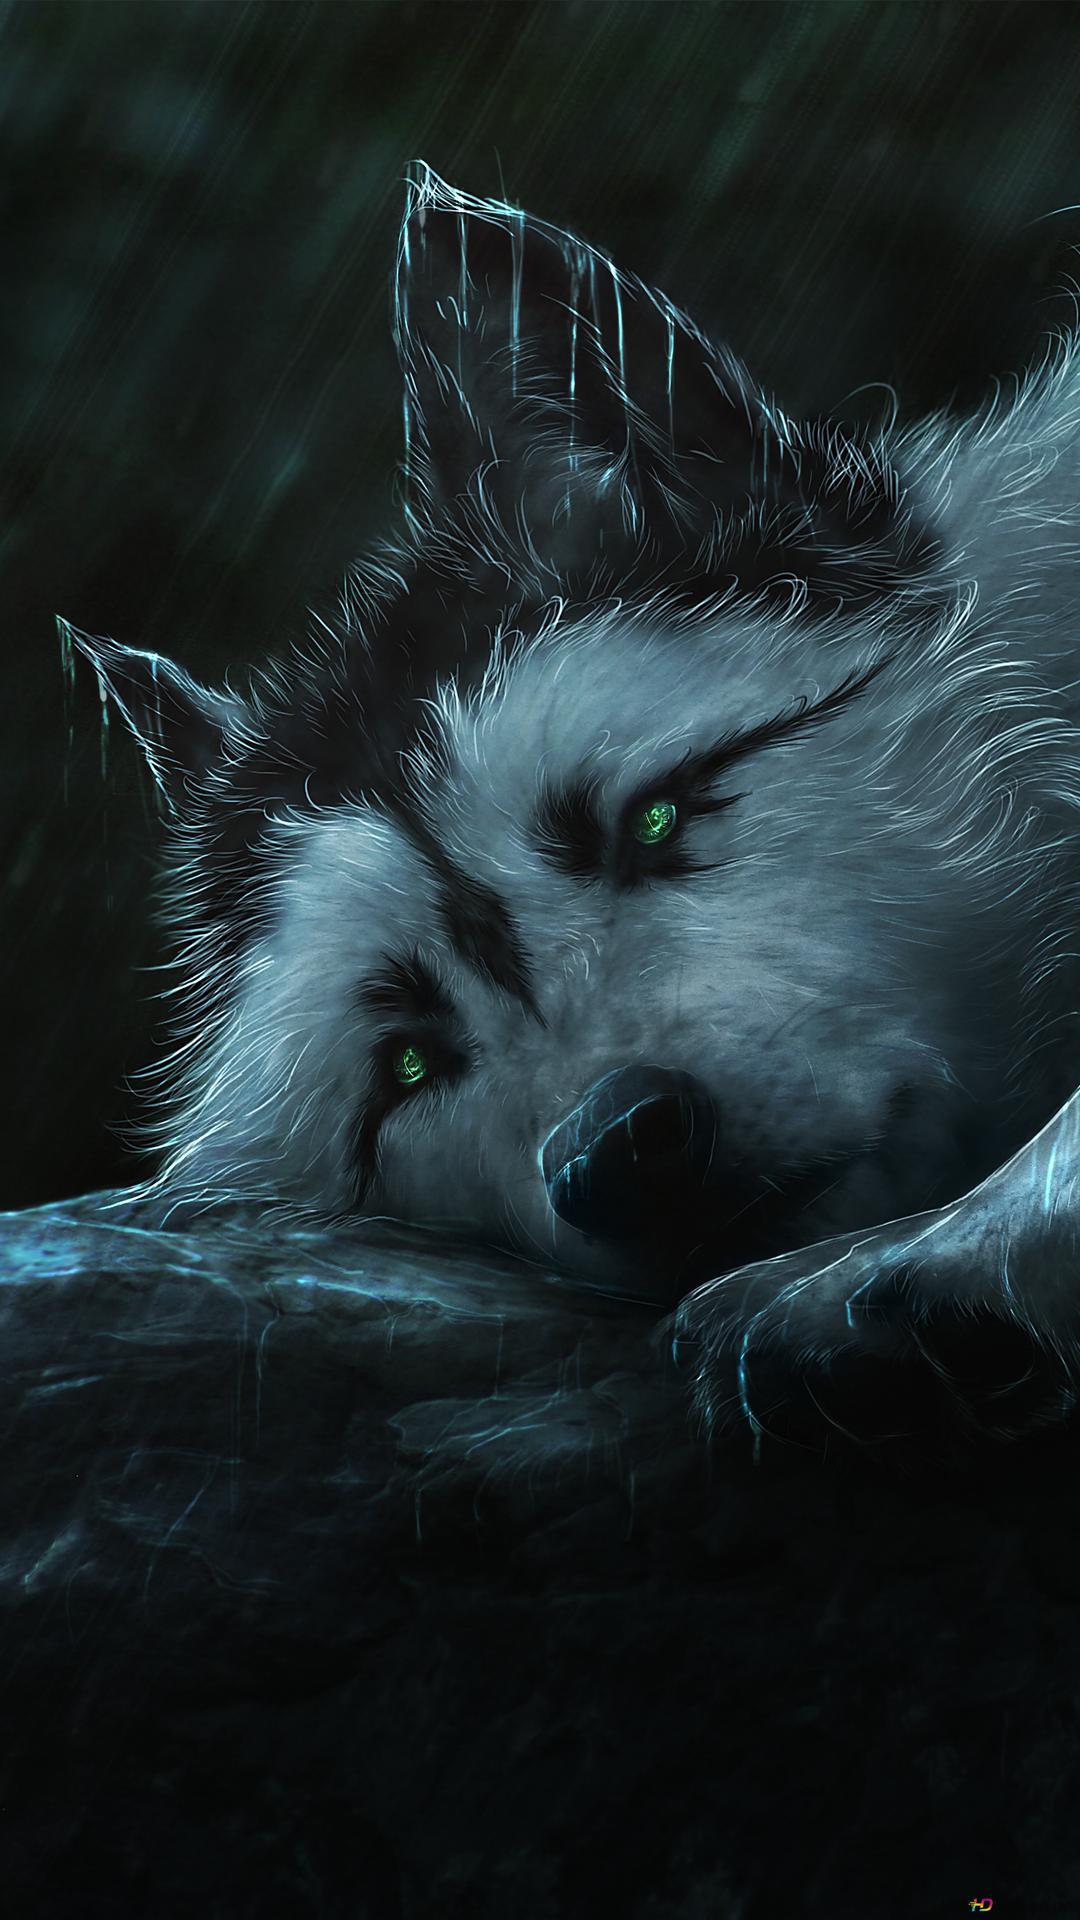 狼的繪畫高清壁紙下載